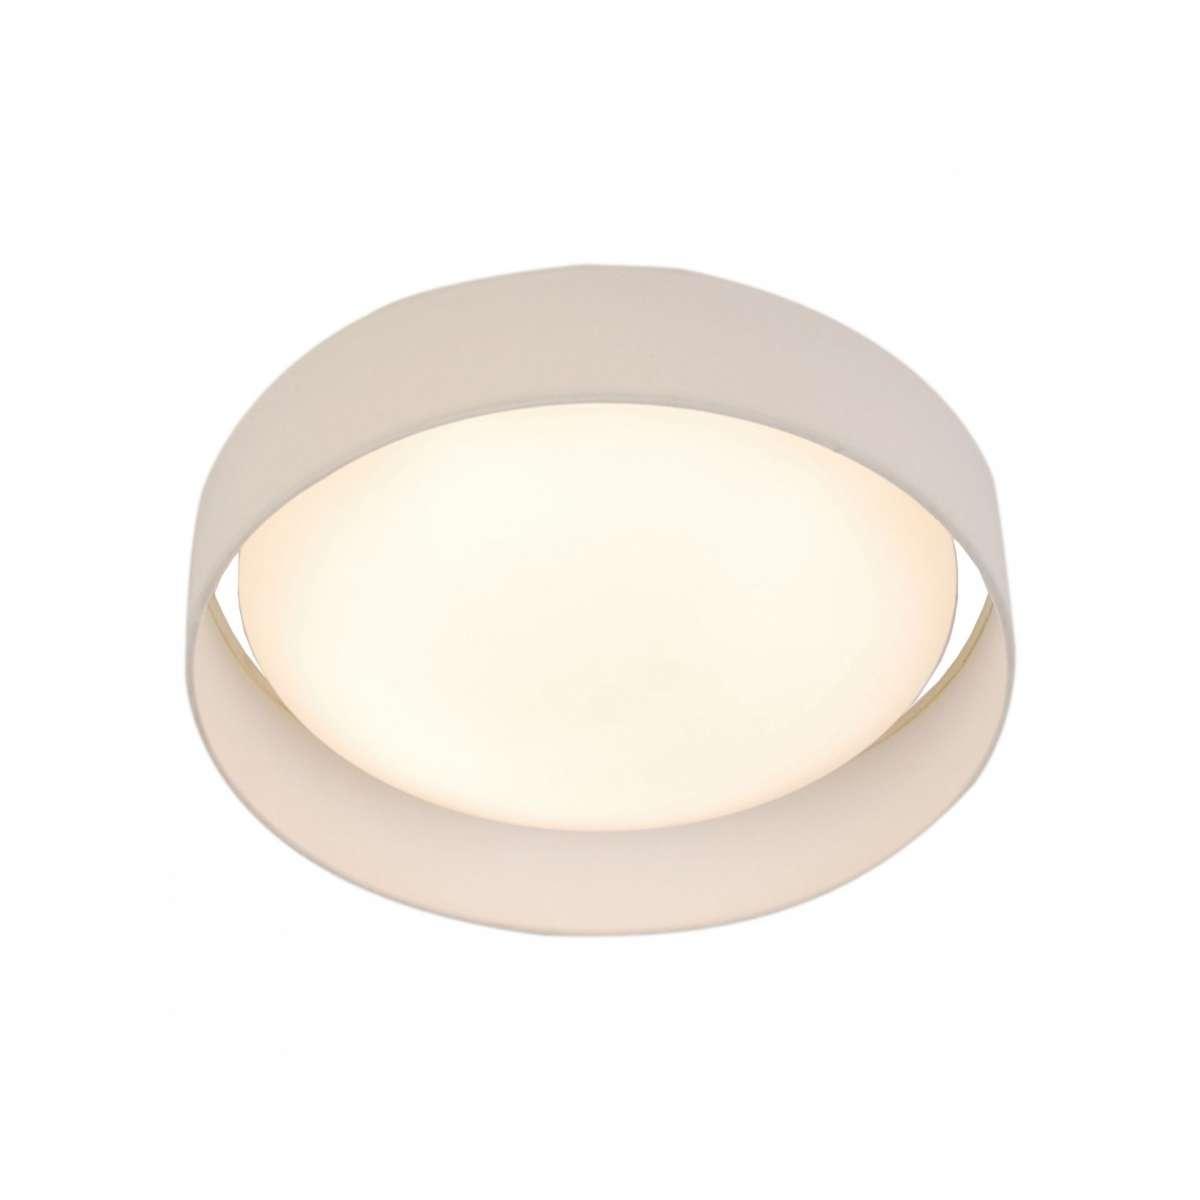 Gianna 1 Light 370mm Flush Ceiling Light White Shade